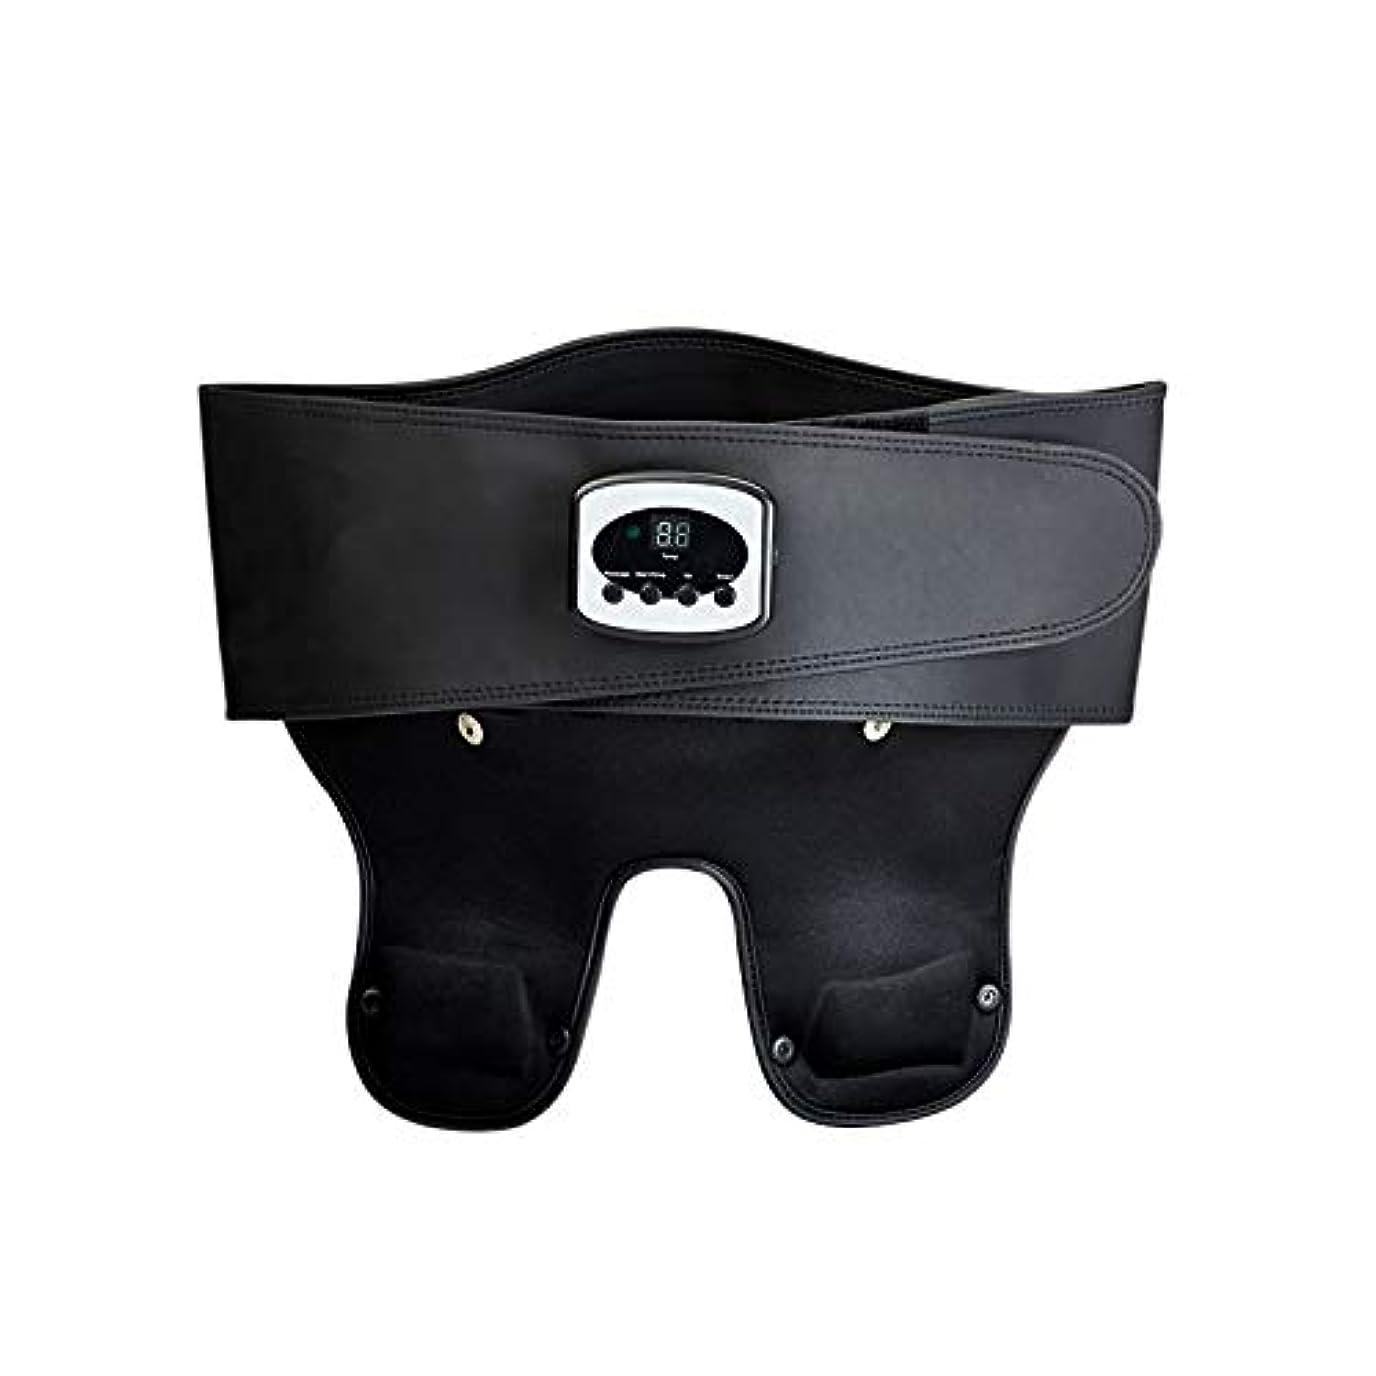 厚さエゴマニア先生Healthy Waist Massager - Heat Conductor, Infrared Lights, Vibration Massage, Adjustable Temperature